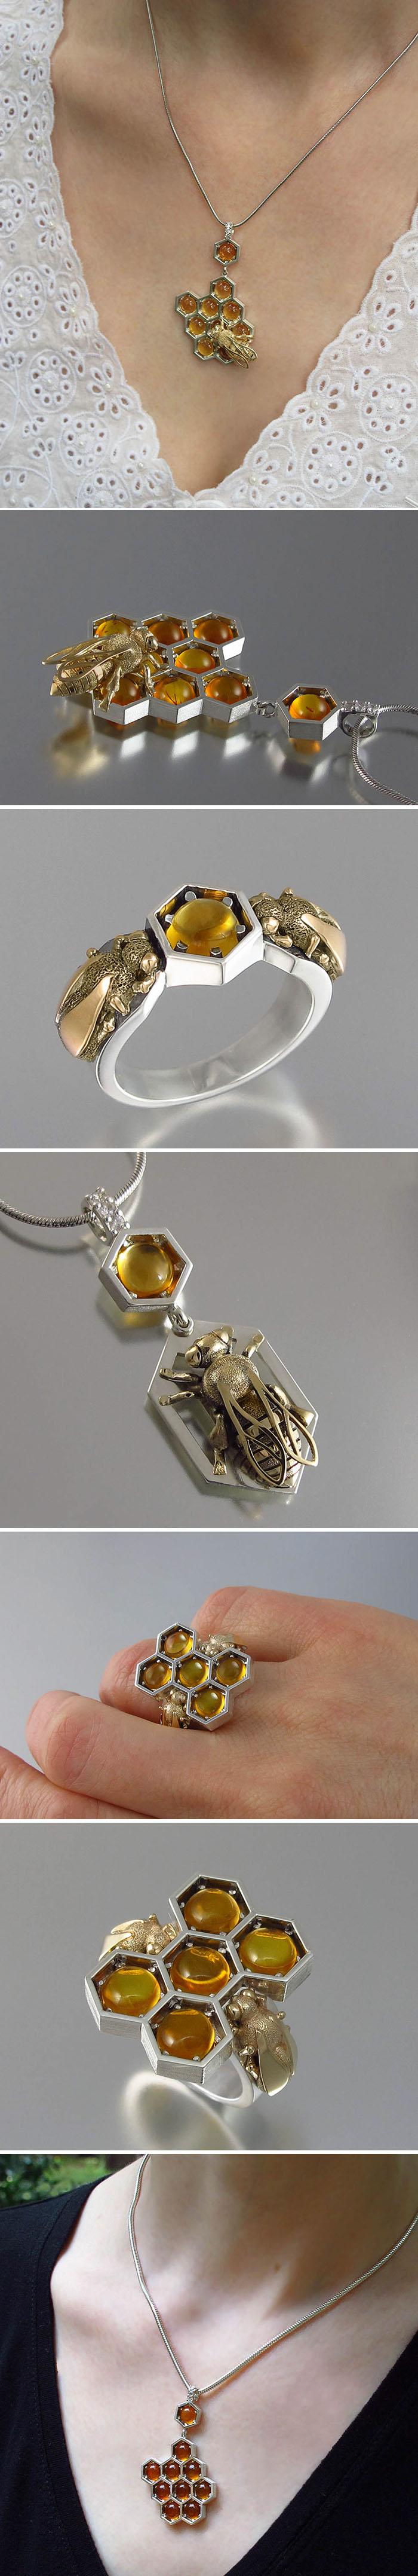 Design de jóias inspiradas na beleza dos favos de mel das abelhas stylo urbano